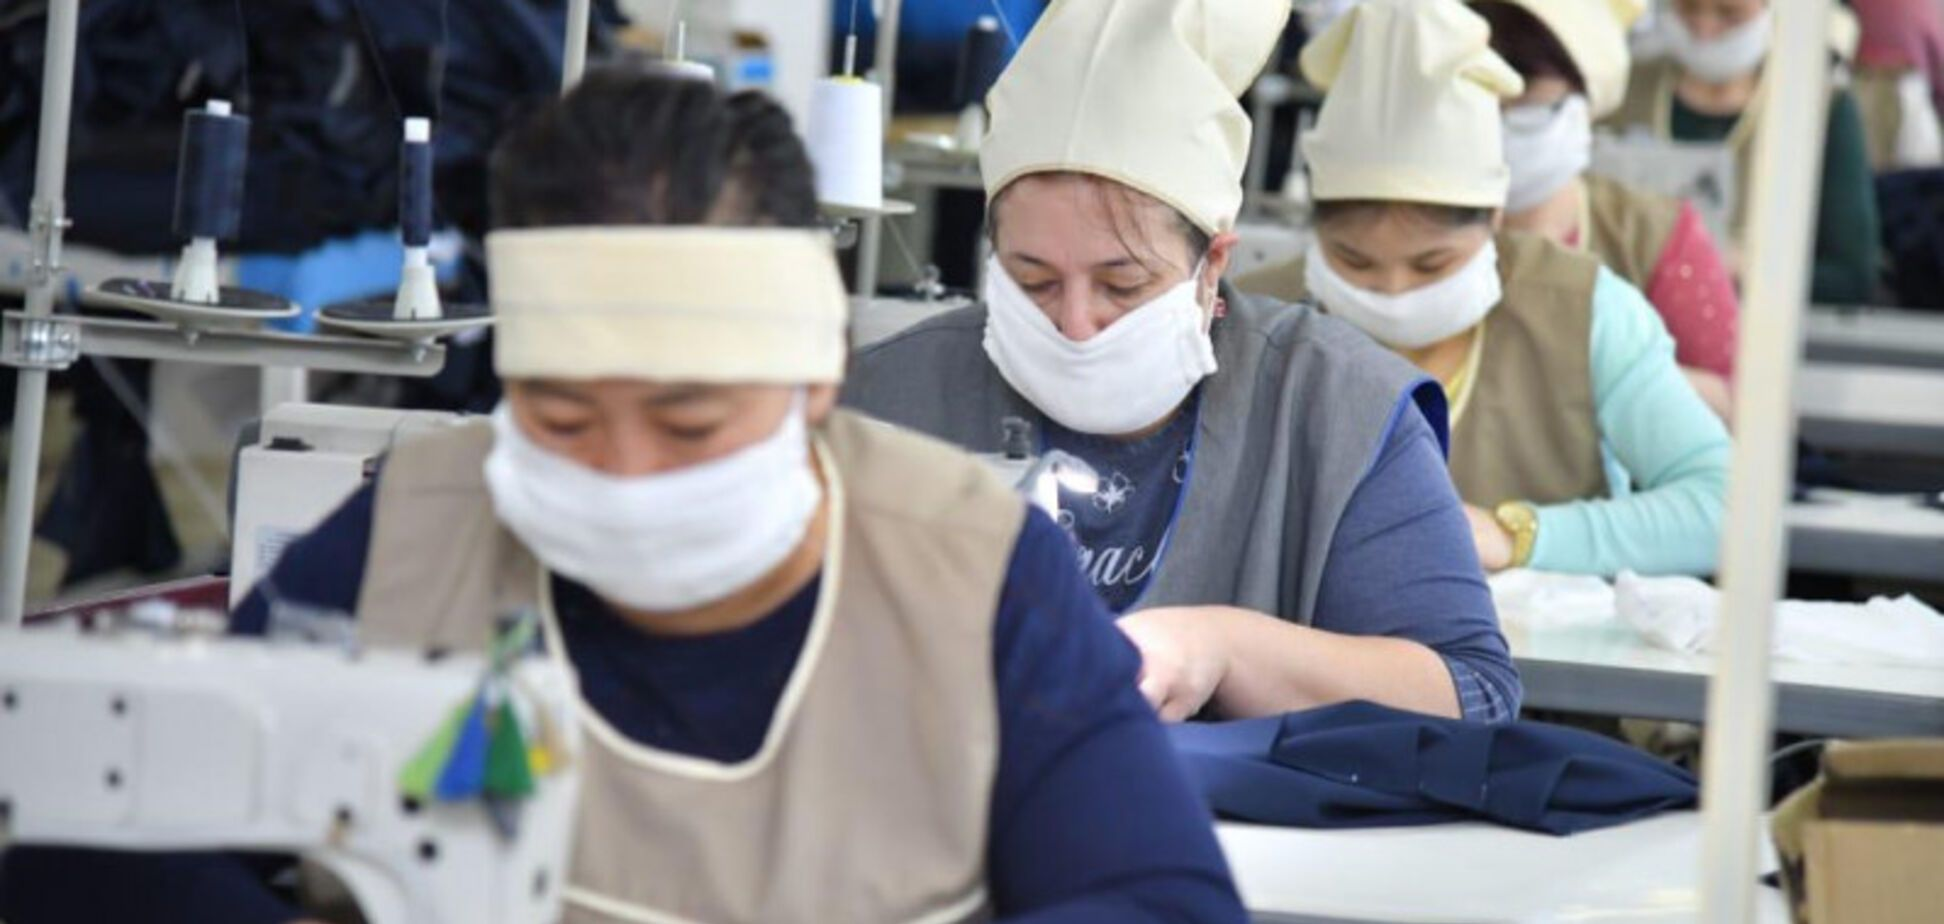 Подключили военных и заключенных: в России ужесточили меры борьбы с коронавирусом